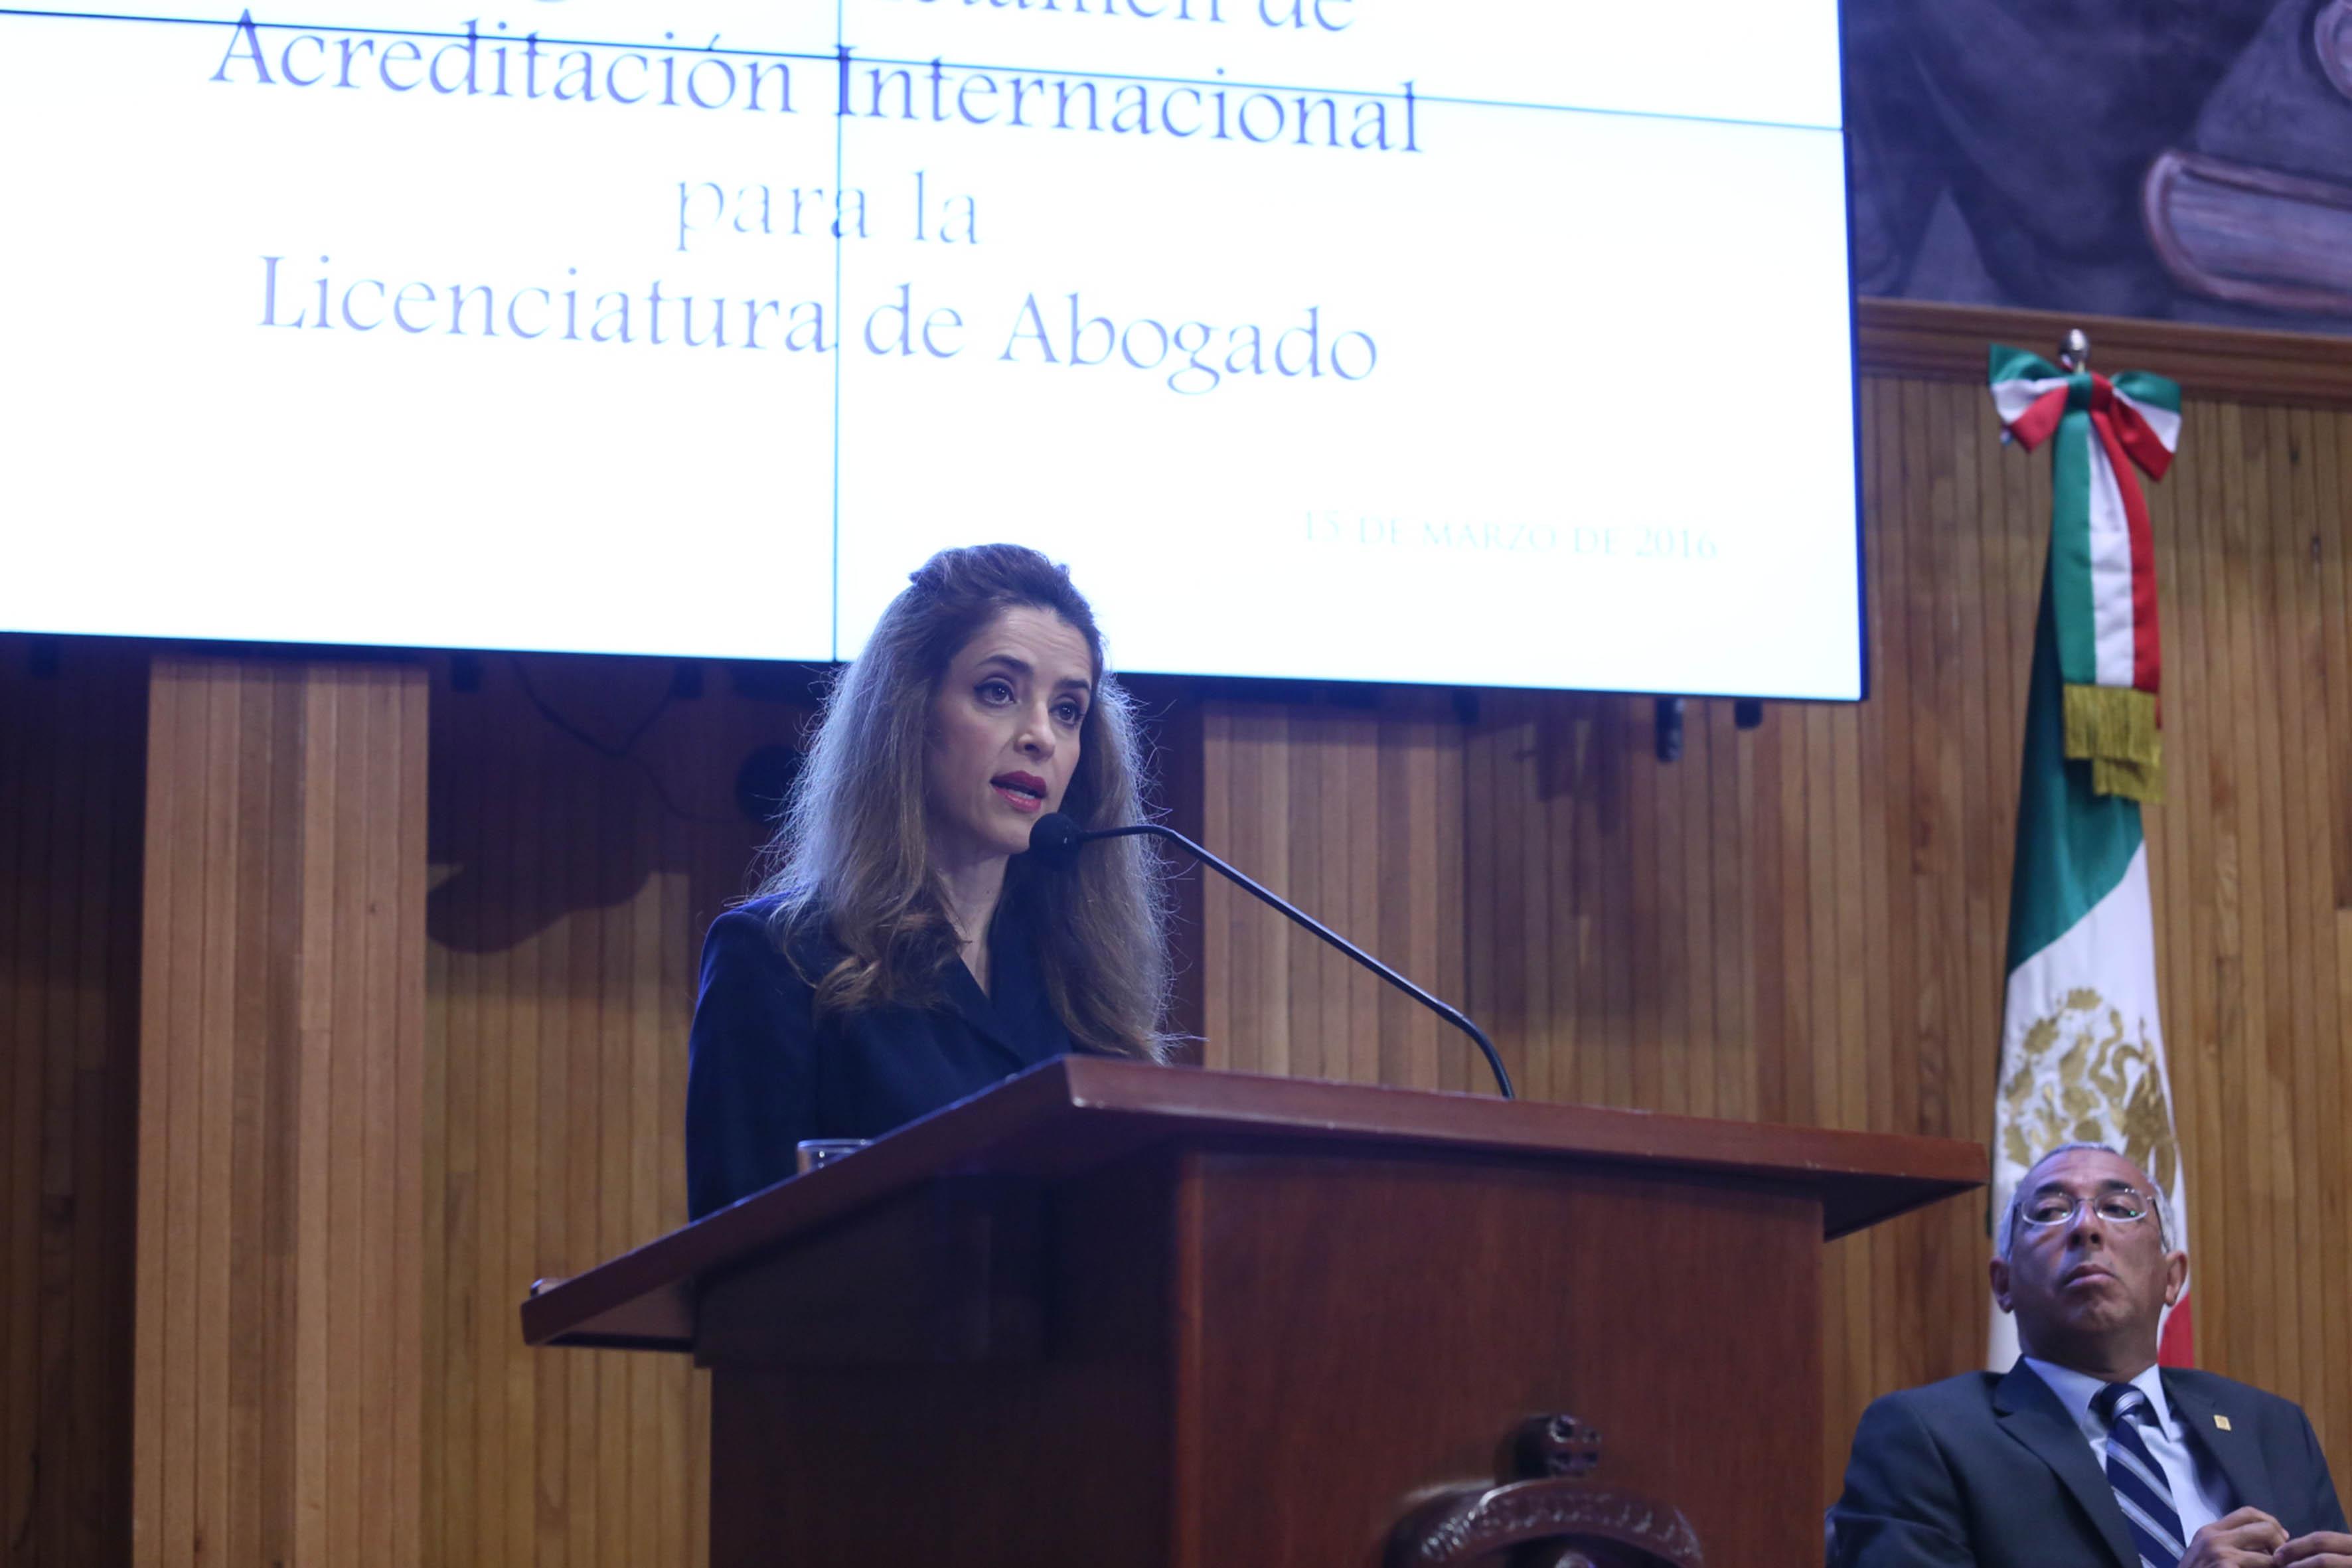 Doctora Leticia Leal Moya, Rectora del CUAltos, en podium del Paraninfo, haciendo uso de la palabra.